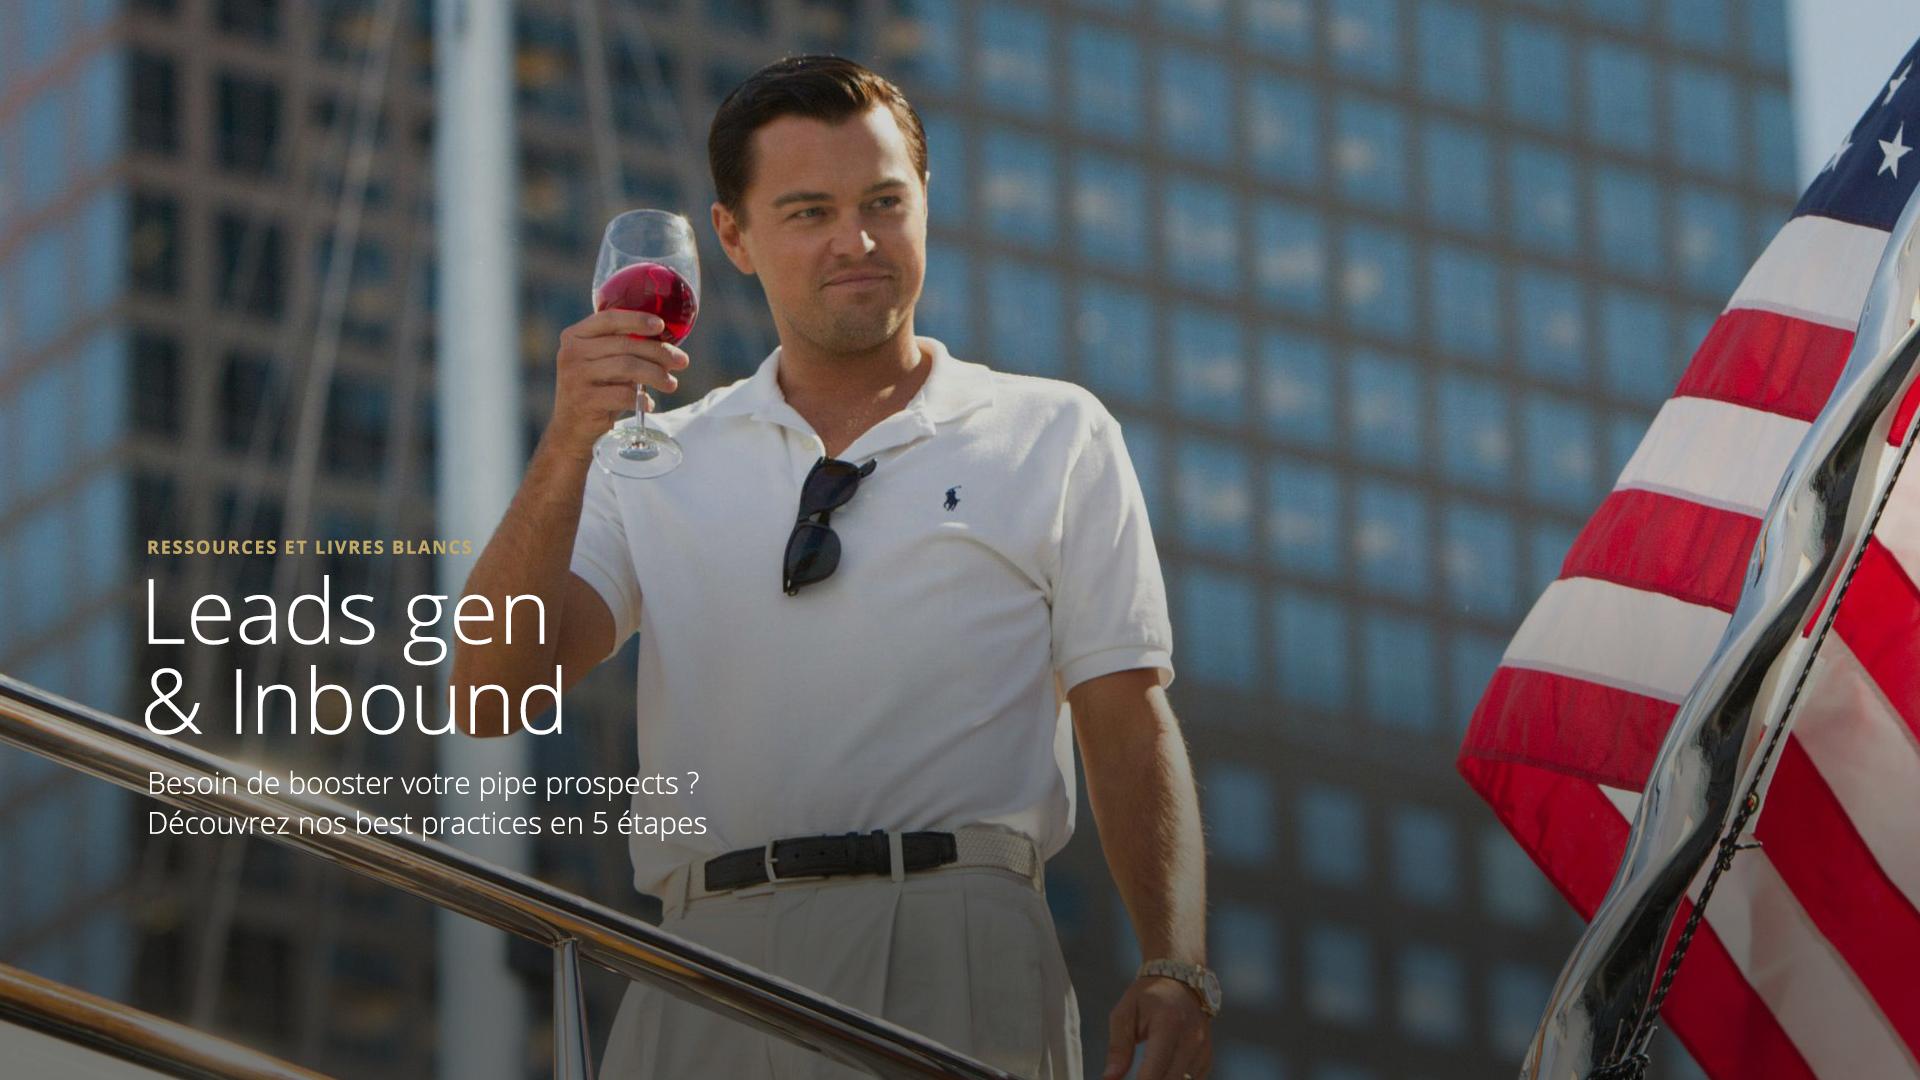 Téléchargez notre livre blanc Leads Gen & Inbound - Best Practices pour booster votre pipe prospects